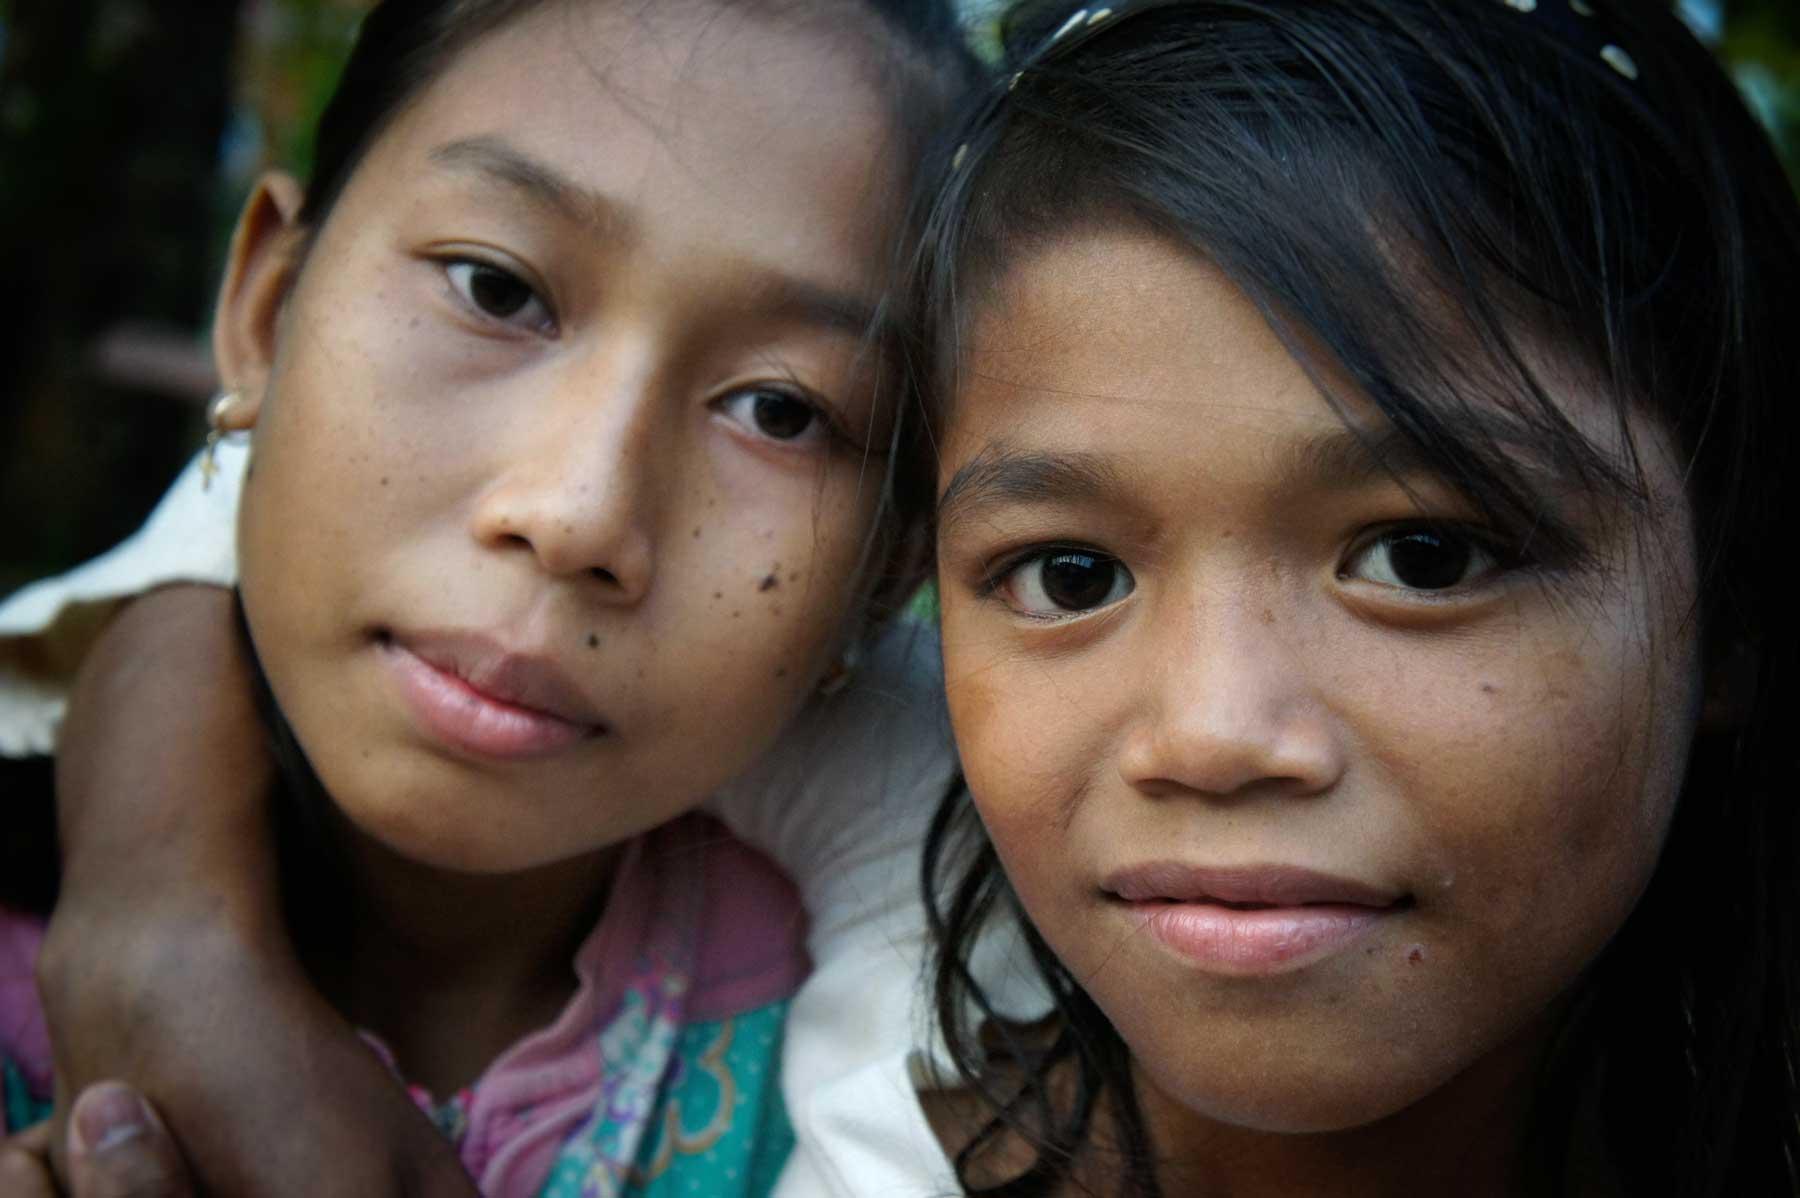 Deux petites filles au Cambodge vivant protégées dans notre centre de protection pour l'enfance de Battambang